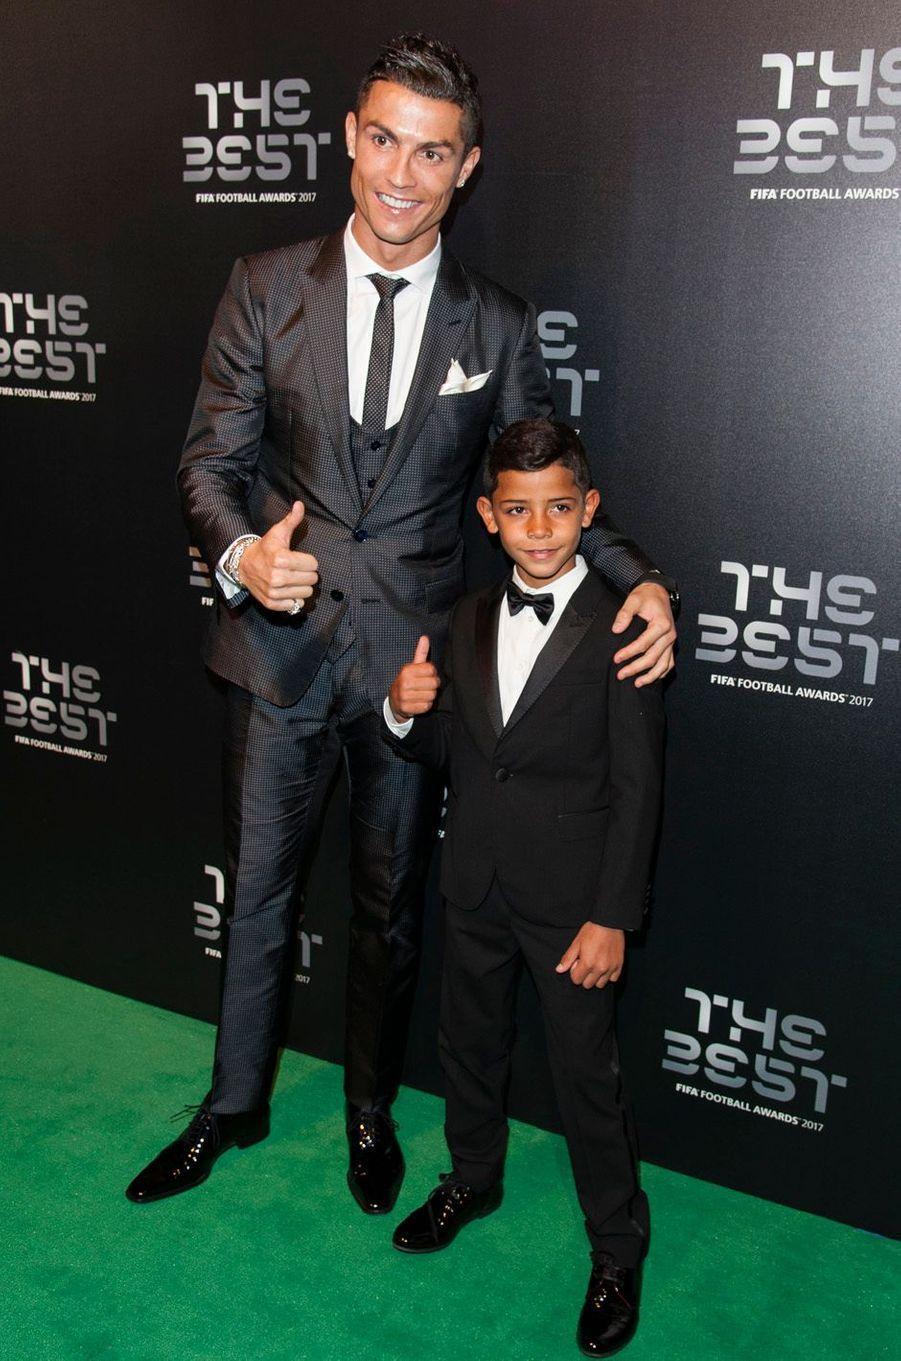 Cristiano Ronaldo et son filsà la cérémonie des Best Fifa Football Awards à Londres, le 23 octobre 2017.